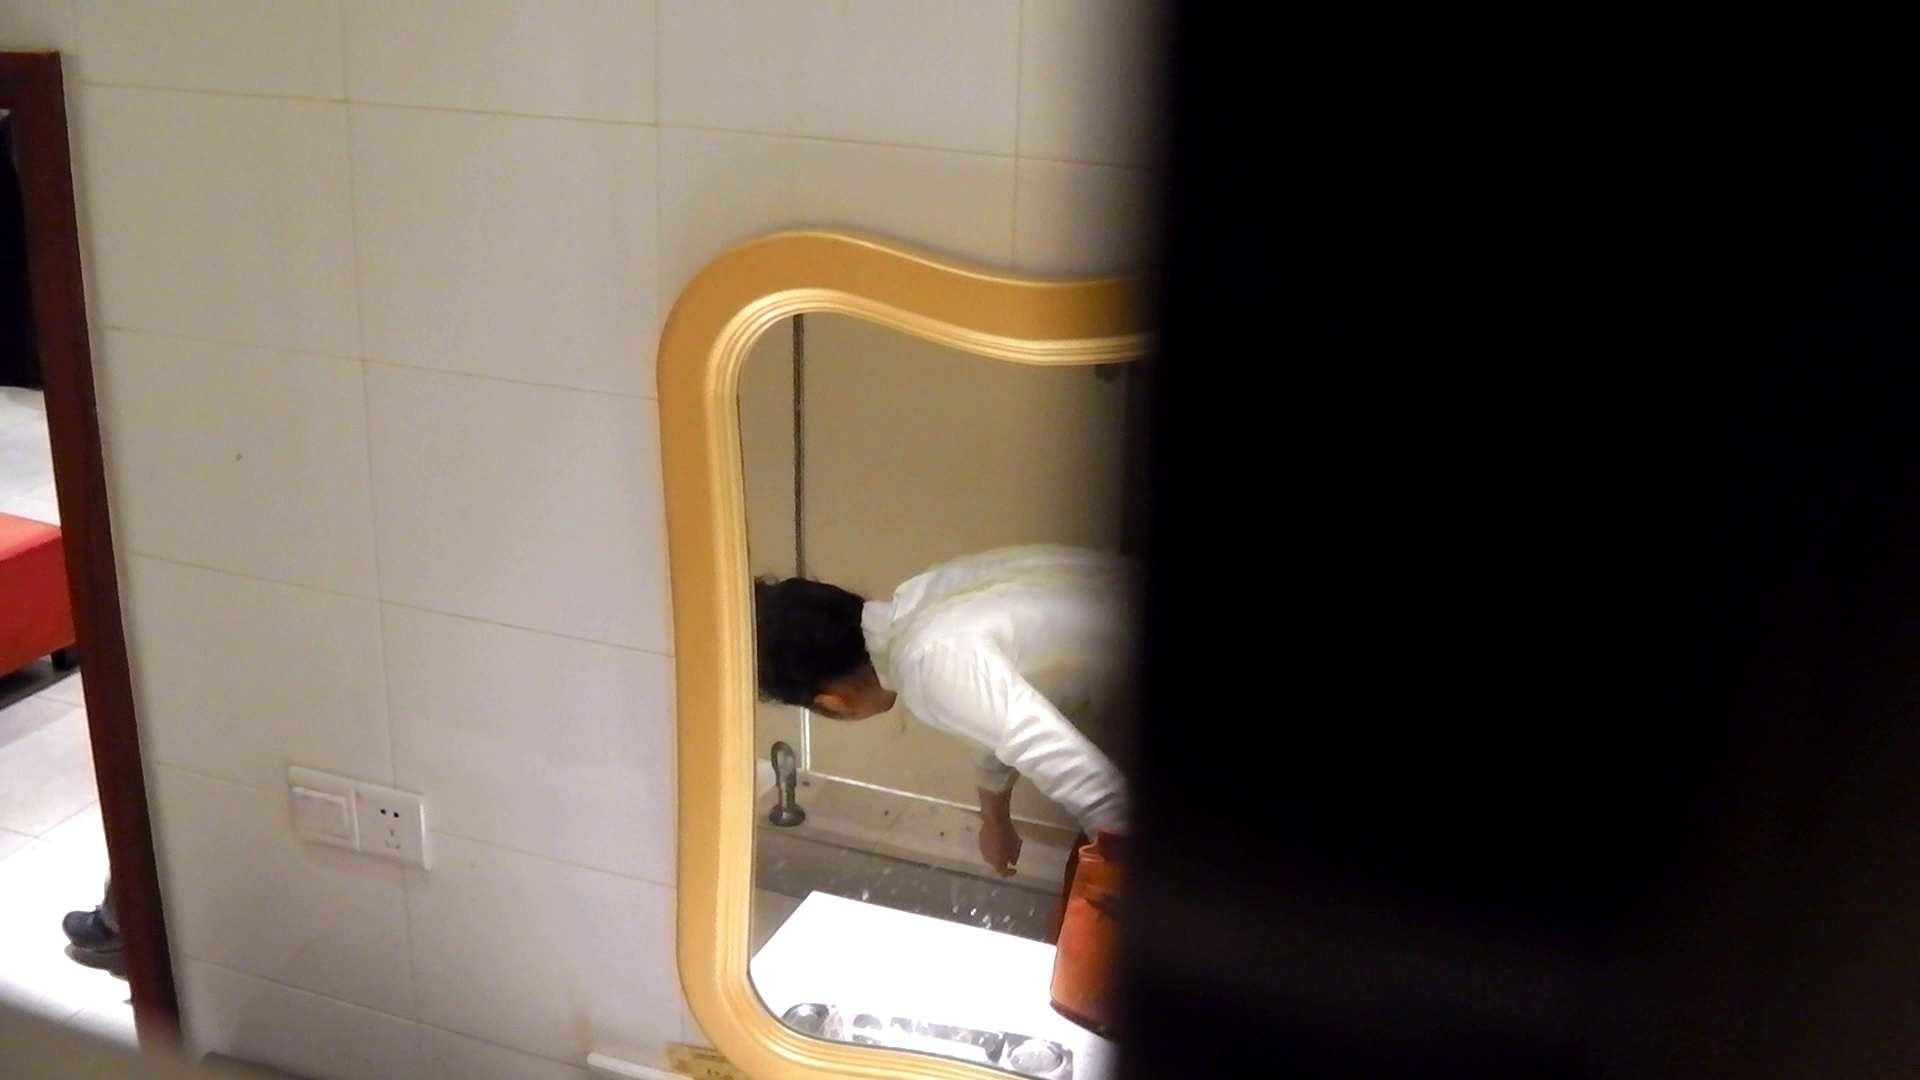 洗寿観音さんの 化粧室は四面楚歌Nol.3 洗面所  51PIX 38